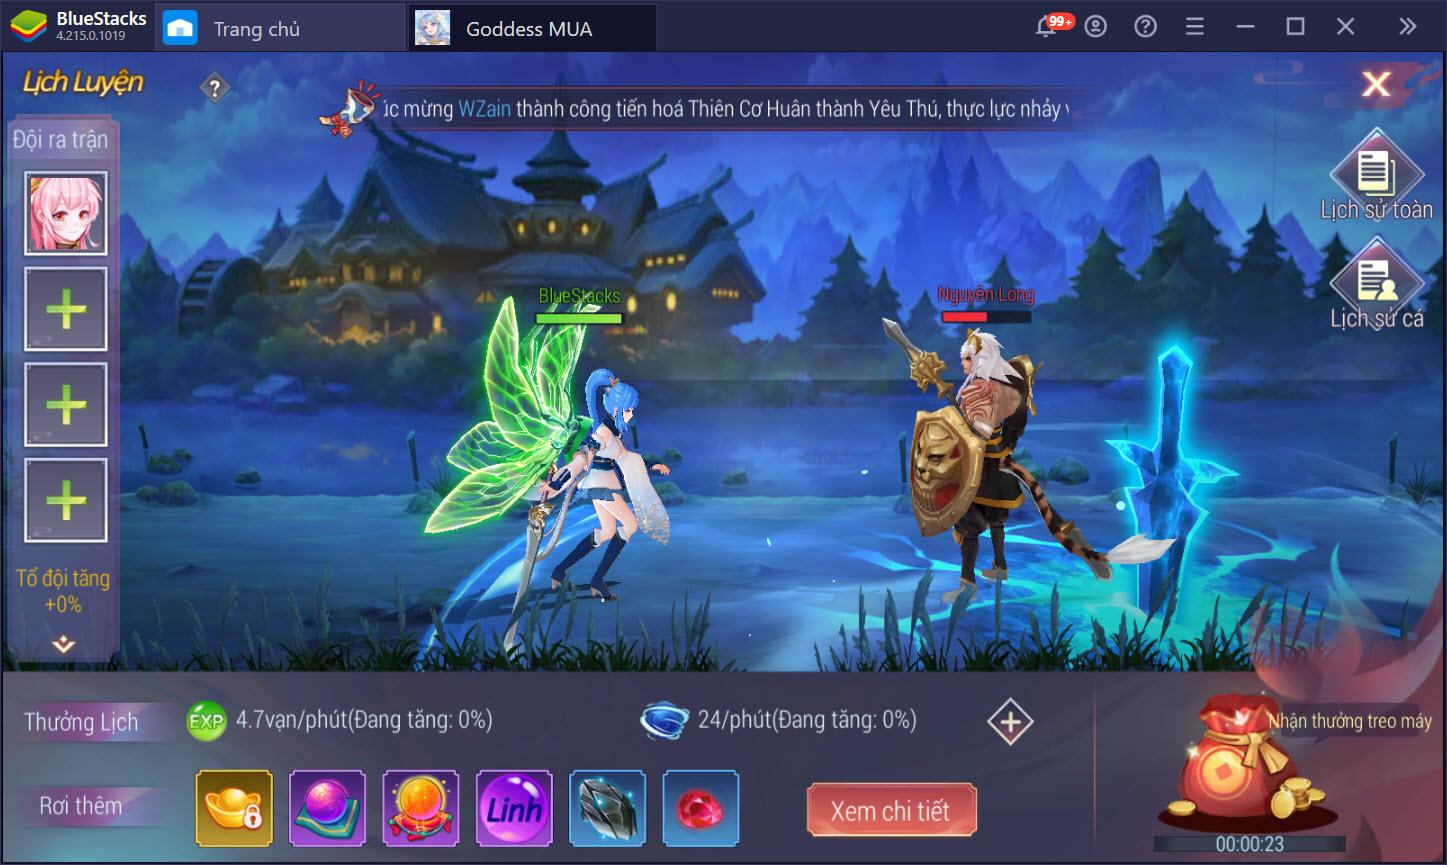 Nhập vai vào thế giới đầy màu sắc trong Goddess MUA cùng BlueStacks